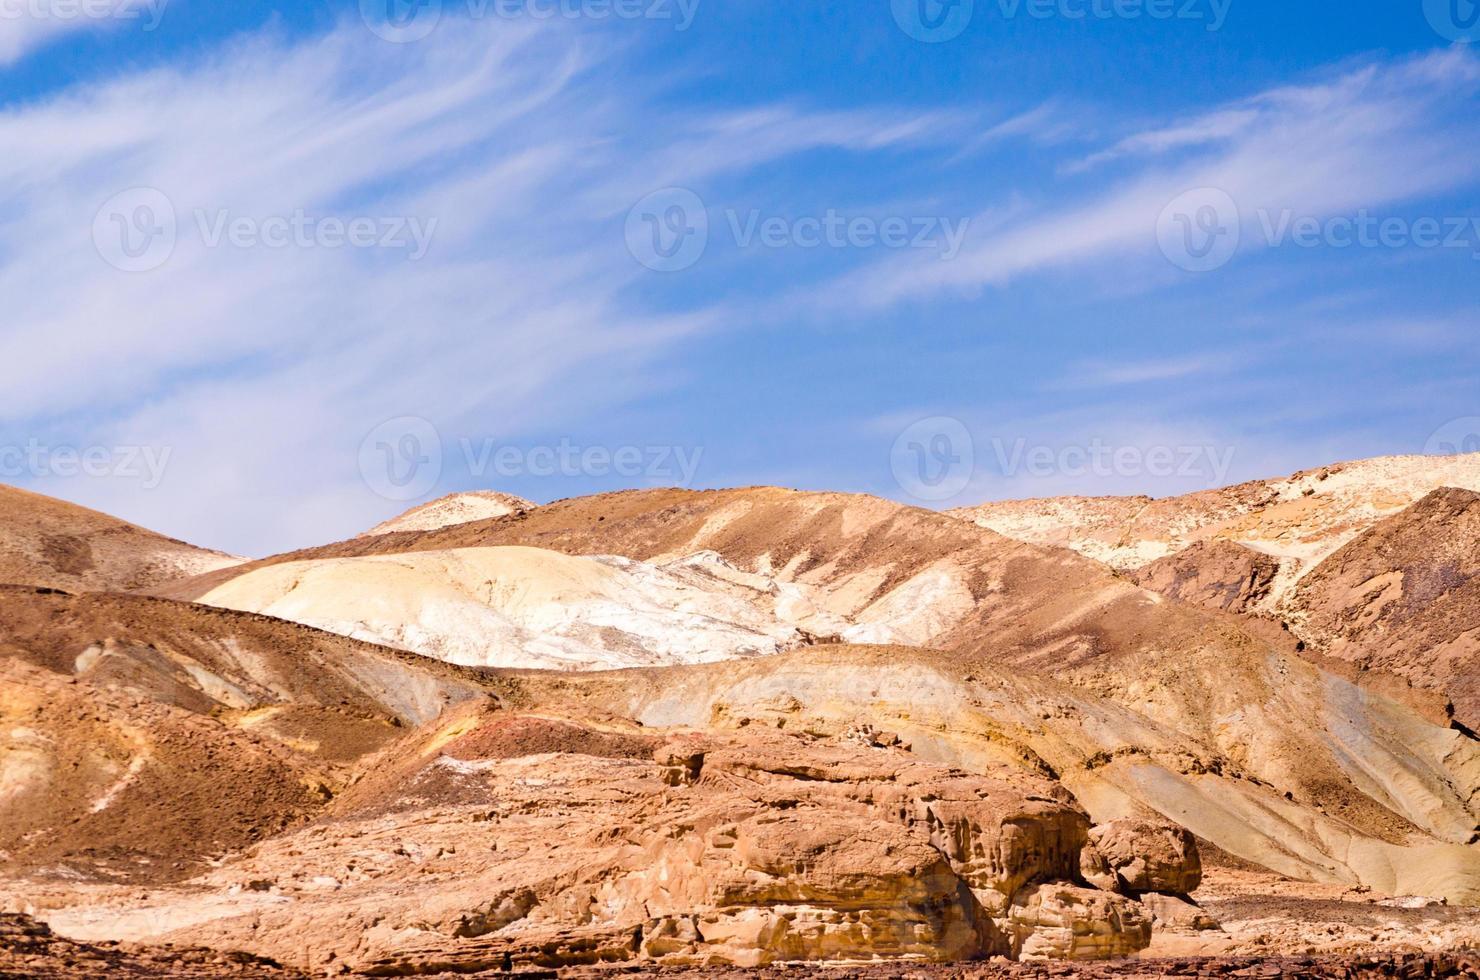 rotsbergen in de woestijn foto